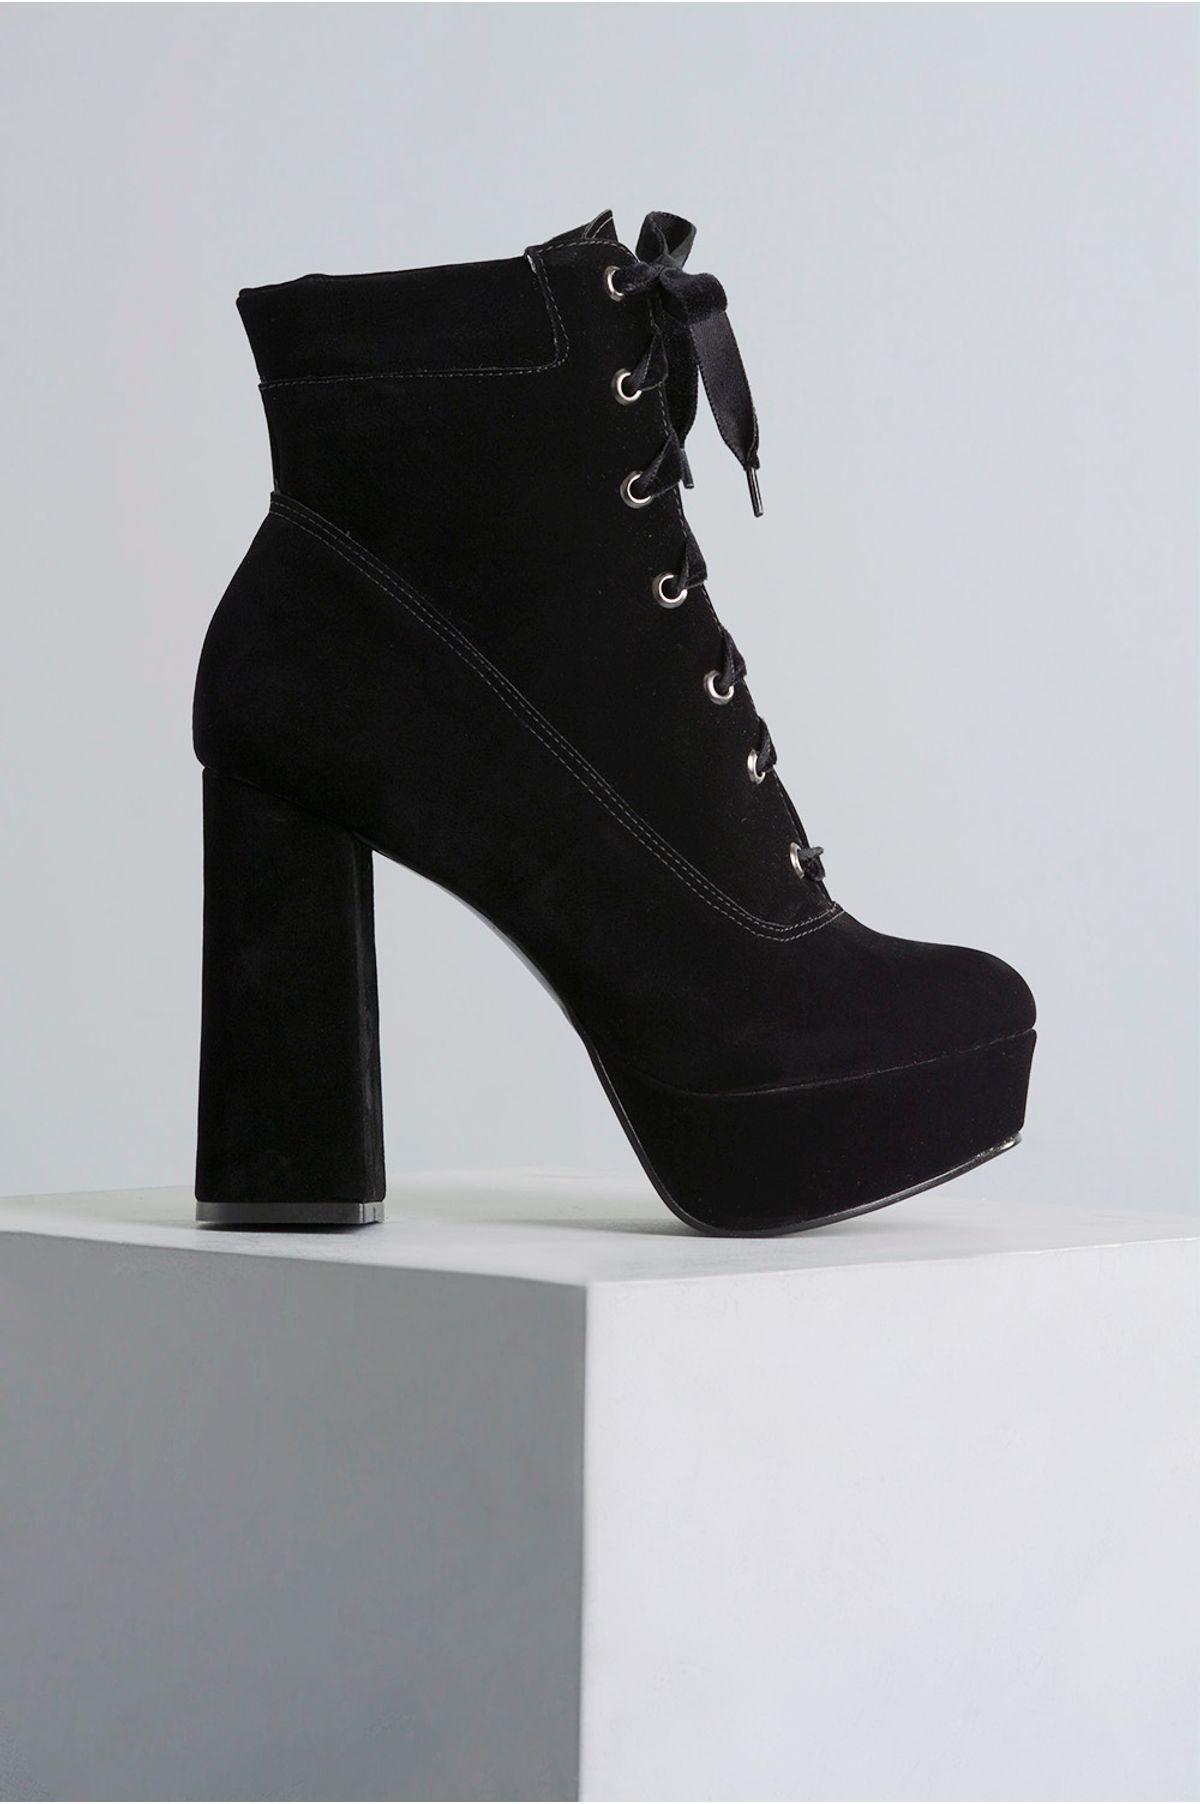 93b367d7b27a3 Bota Feminina Brity Mundial   Mundial Calçados - Mundial Calçados